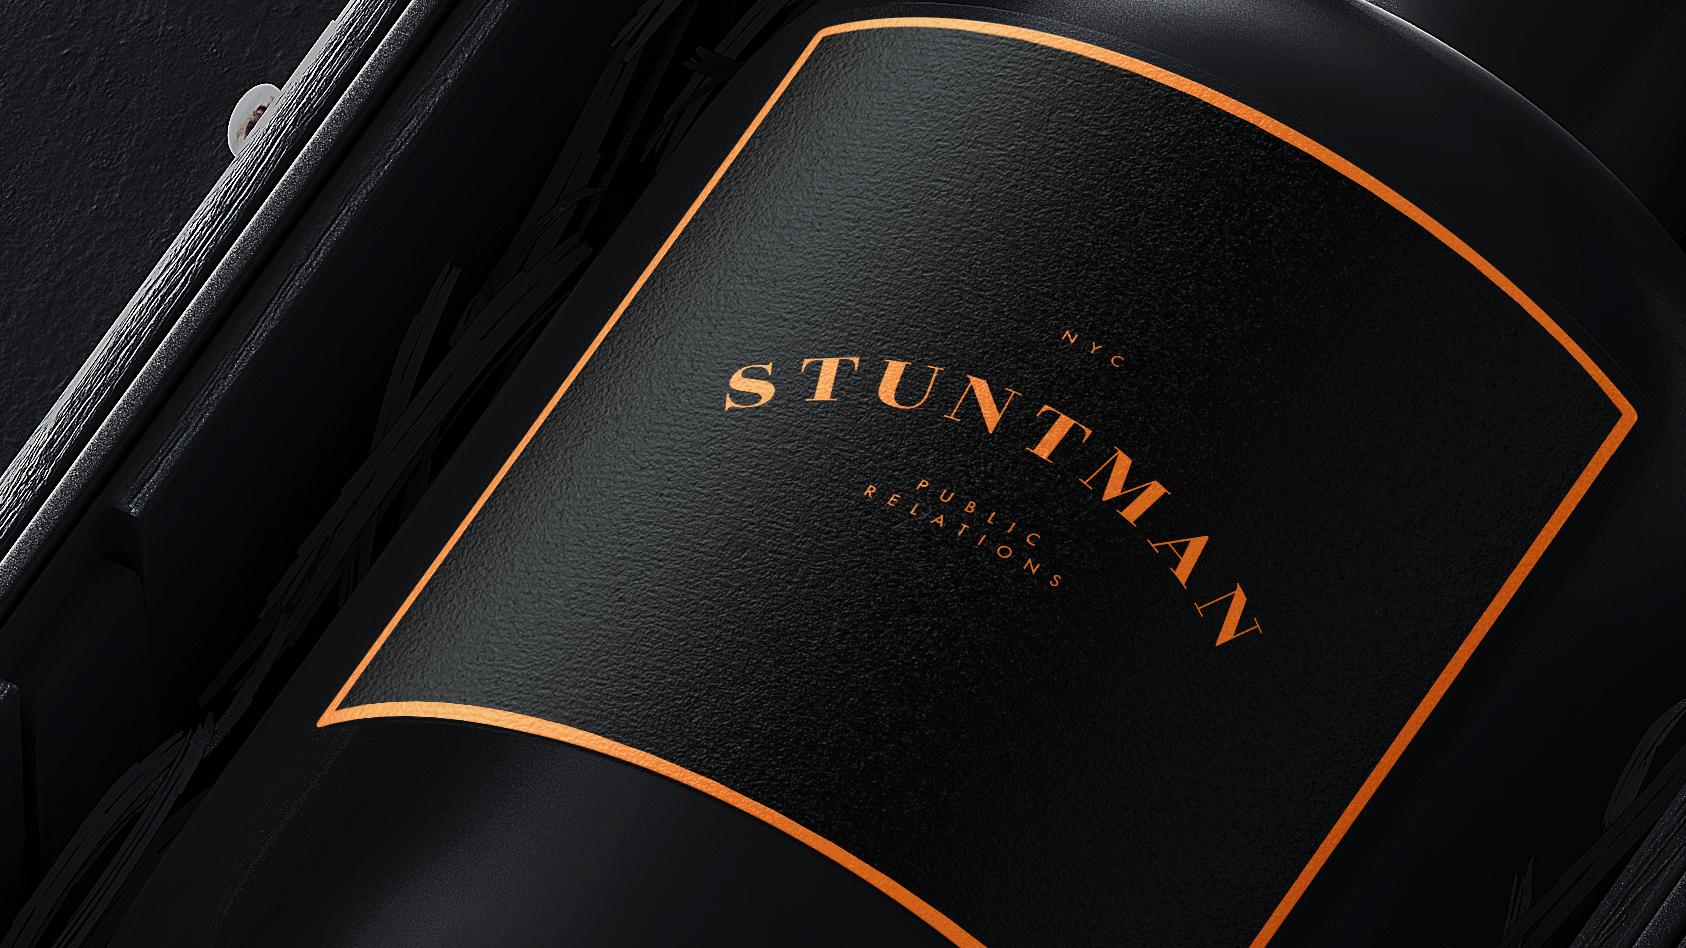 STUNTMAN_WHISKEY-ZOOM